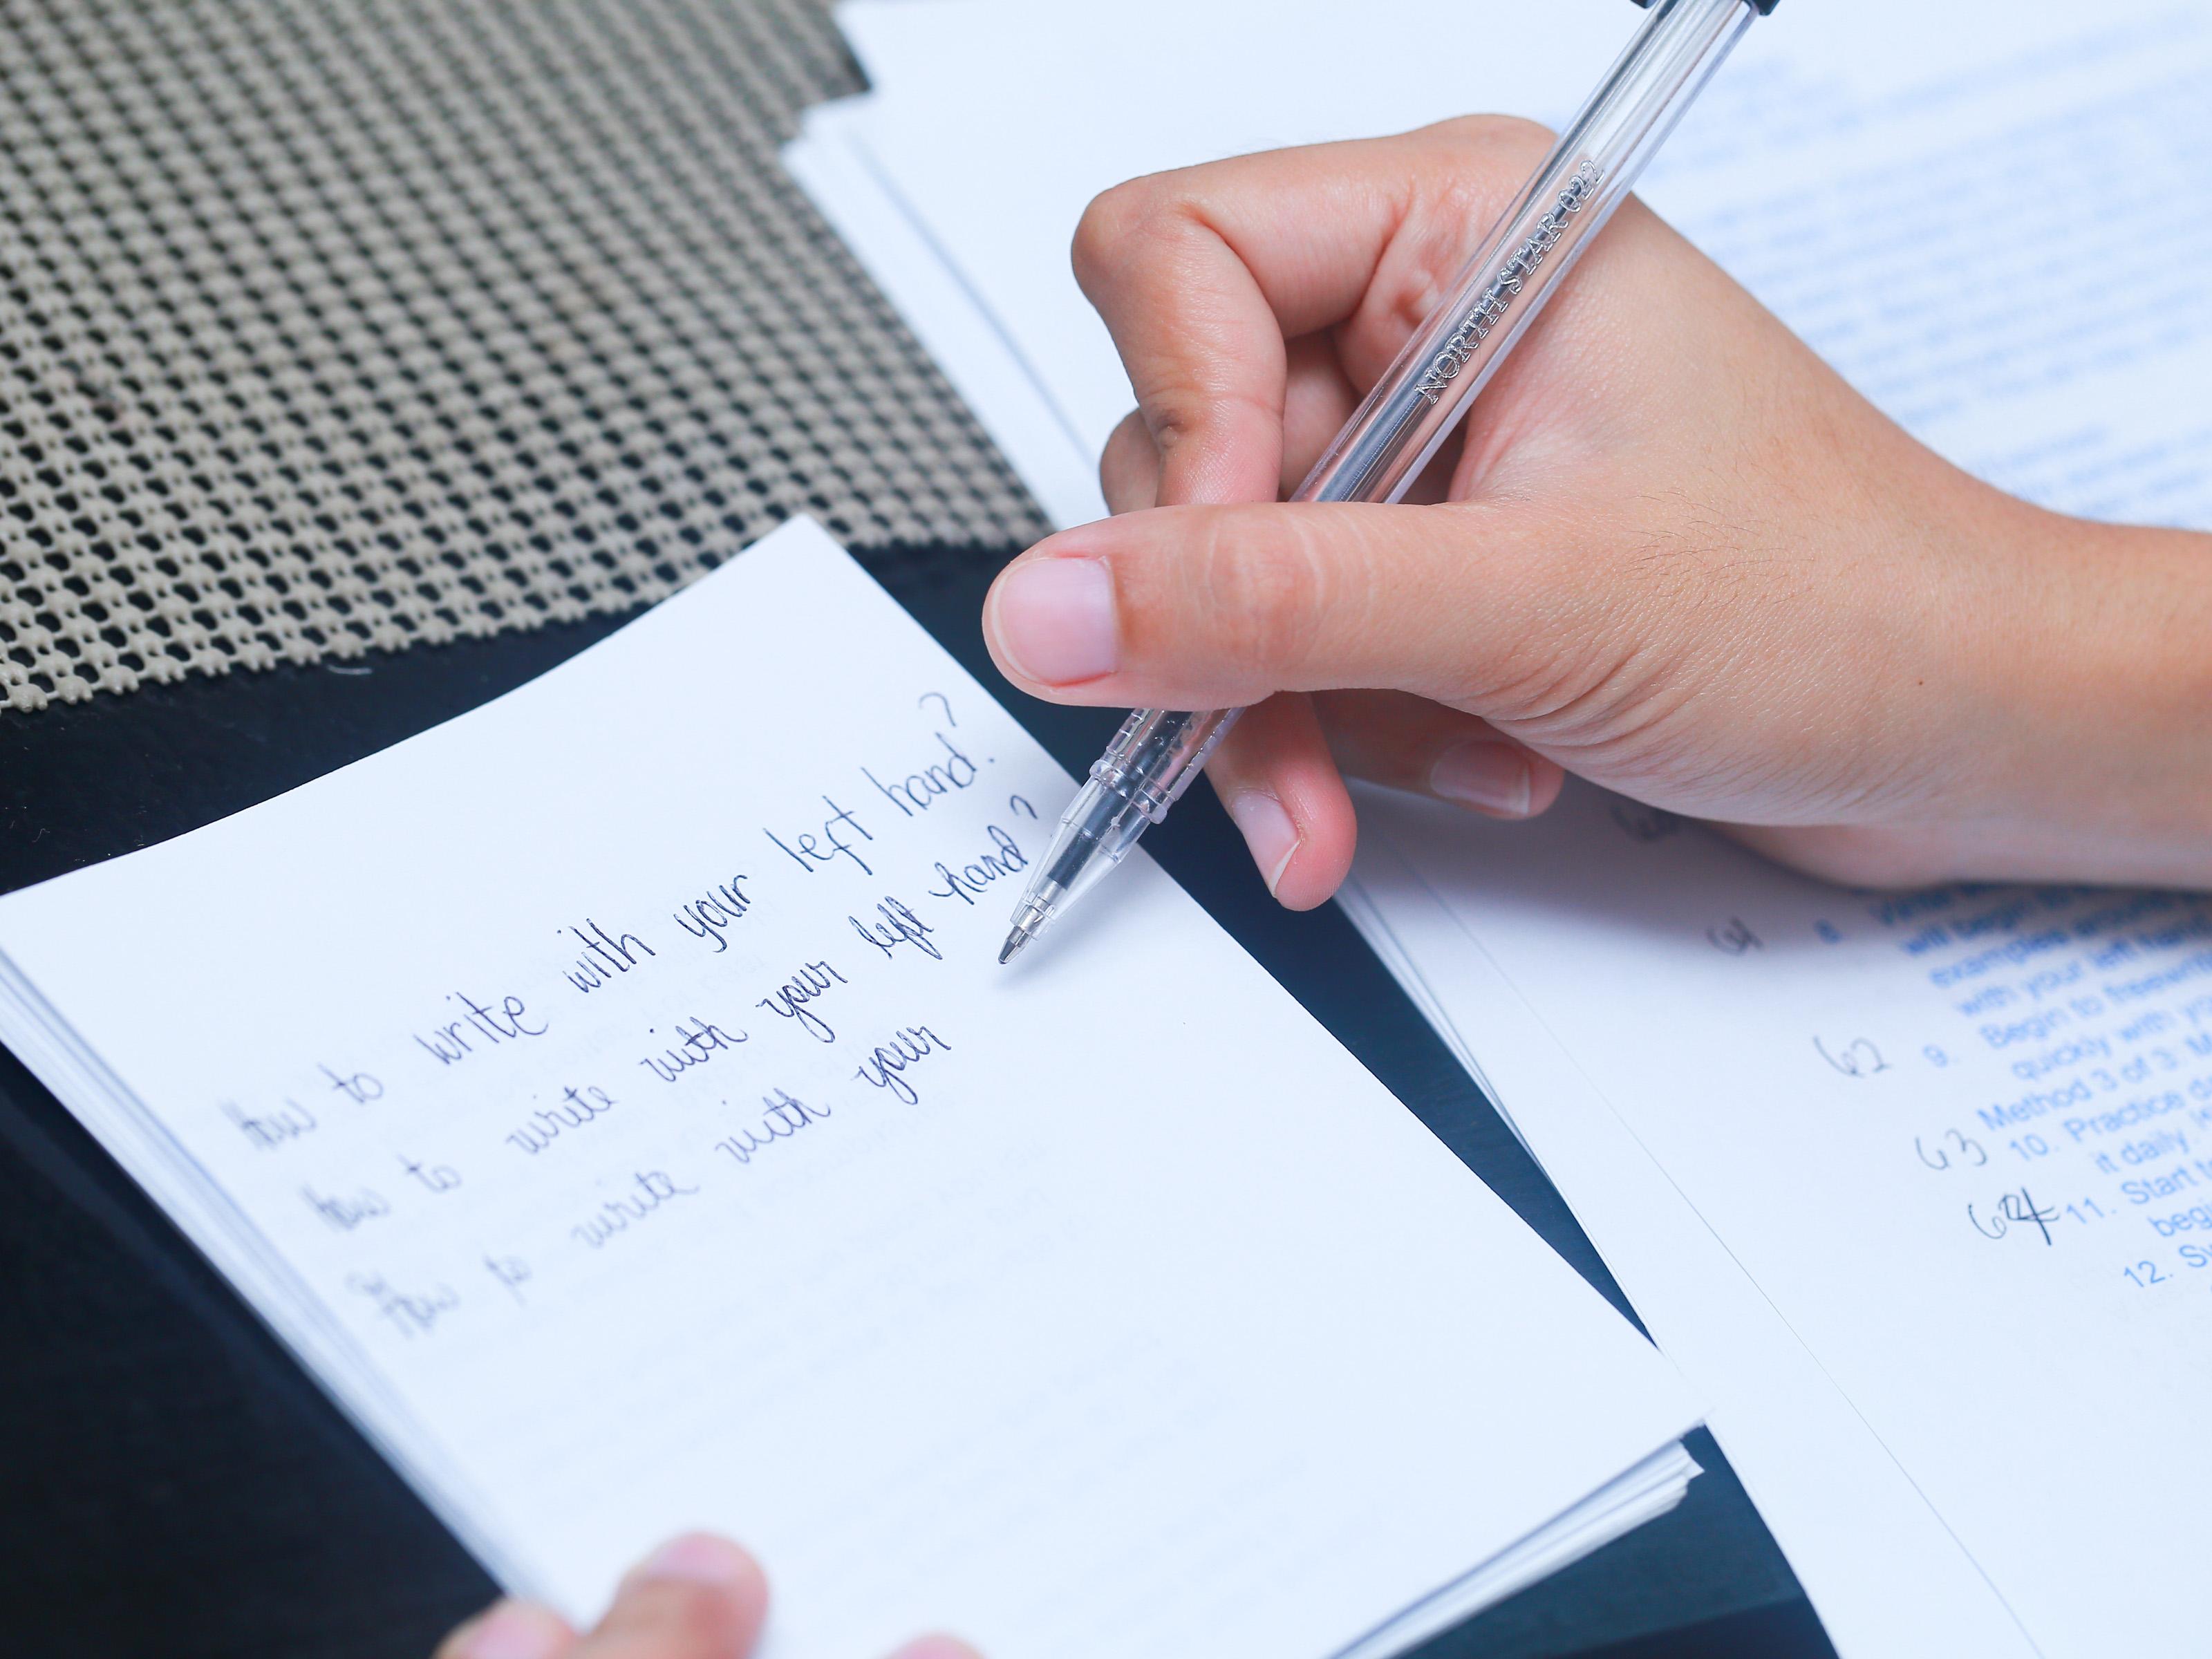 Come Imparare a Scrivere con la Mano Sinistra  wikiHow